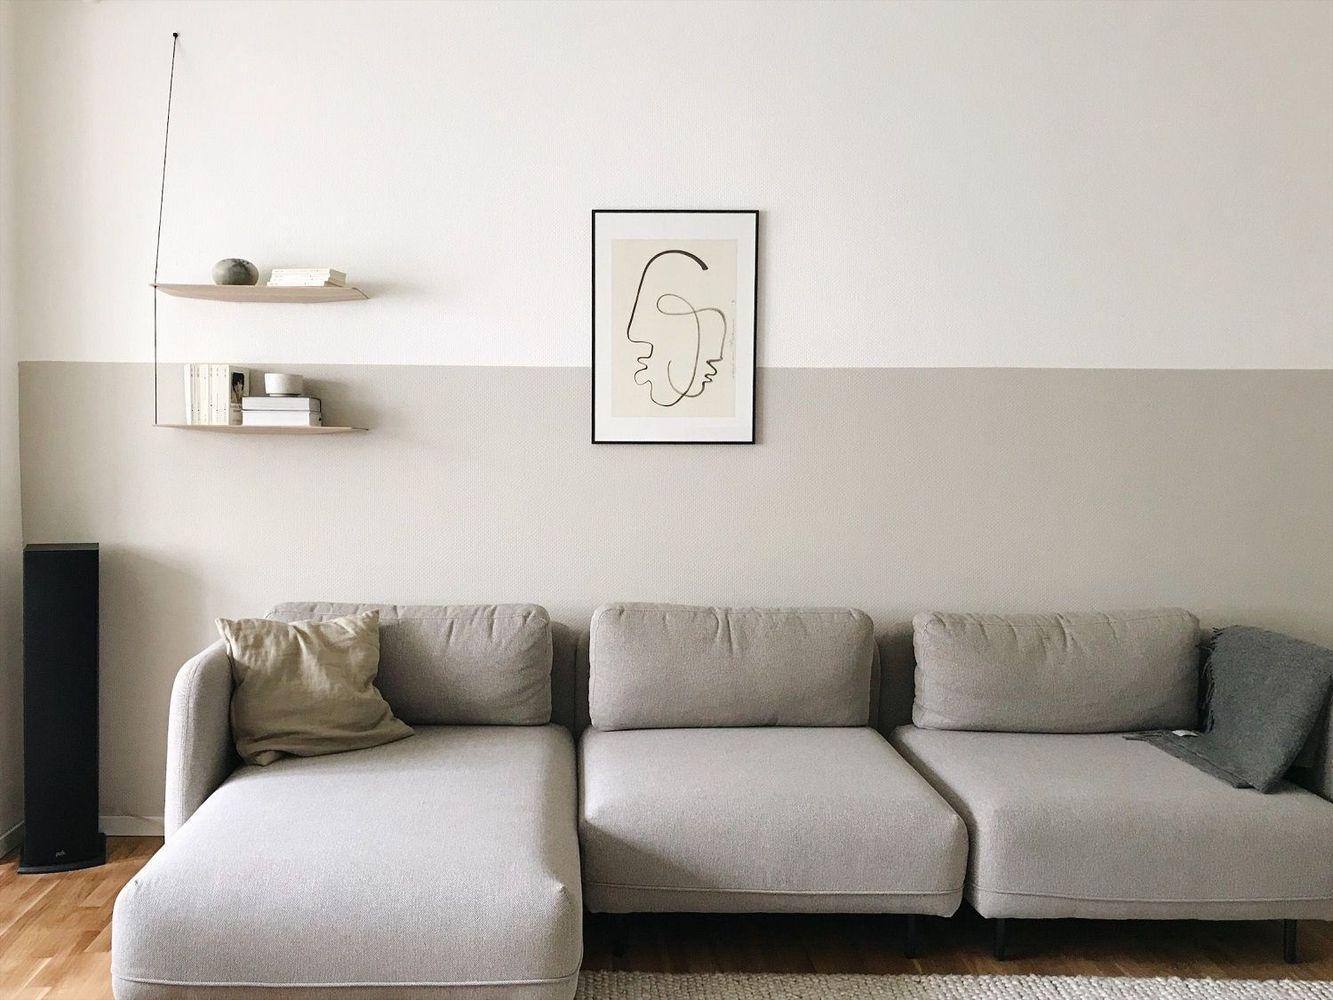 Wandgestaltung Wandfarbe Wohnzimmer Dunkle Möbel